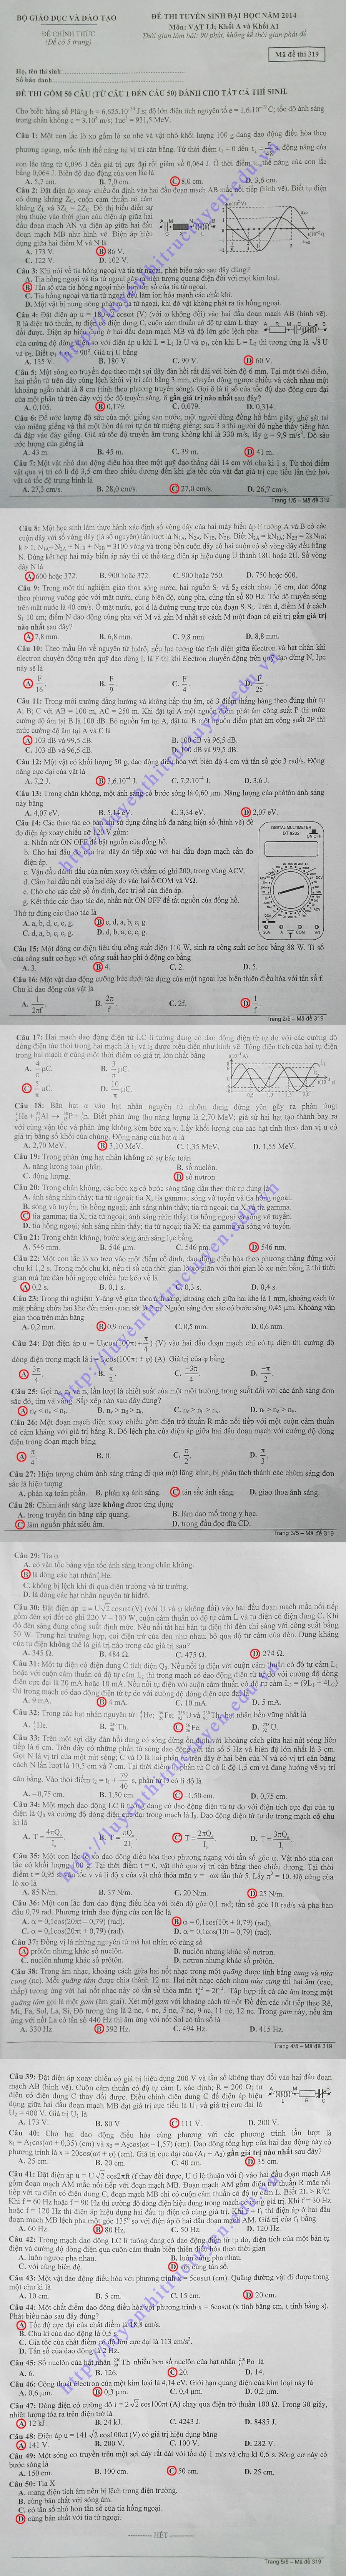 Đáp án đề thi đại học môn lý khối A 2014 - Mã đề 319